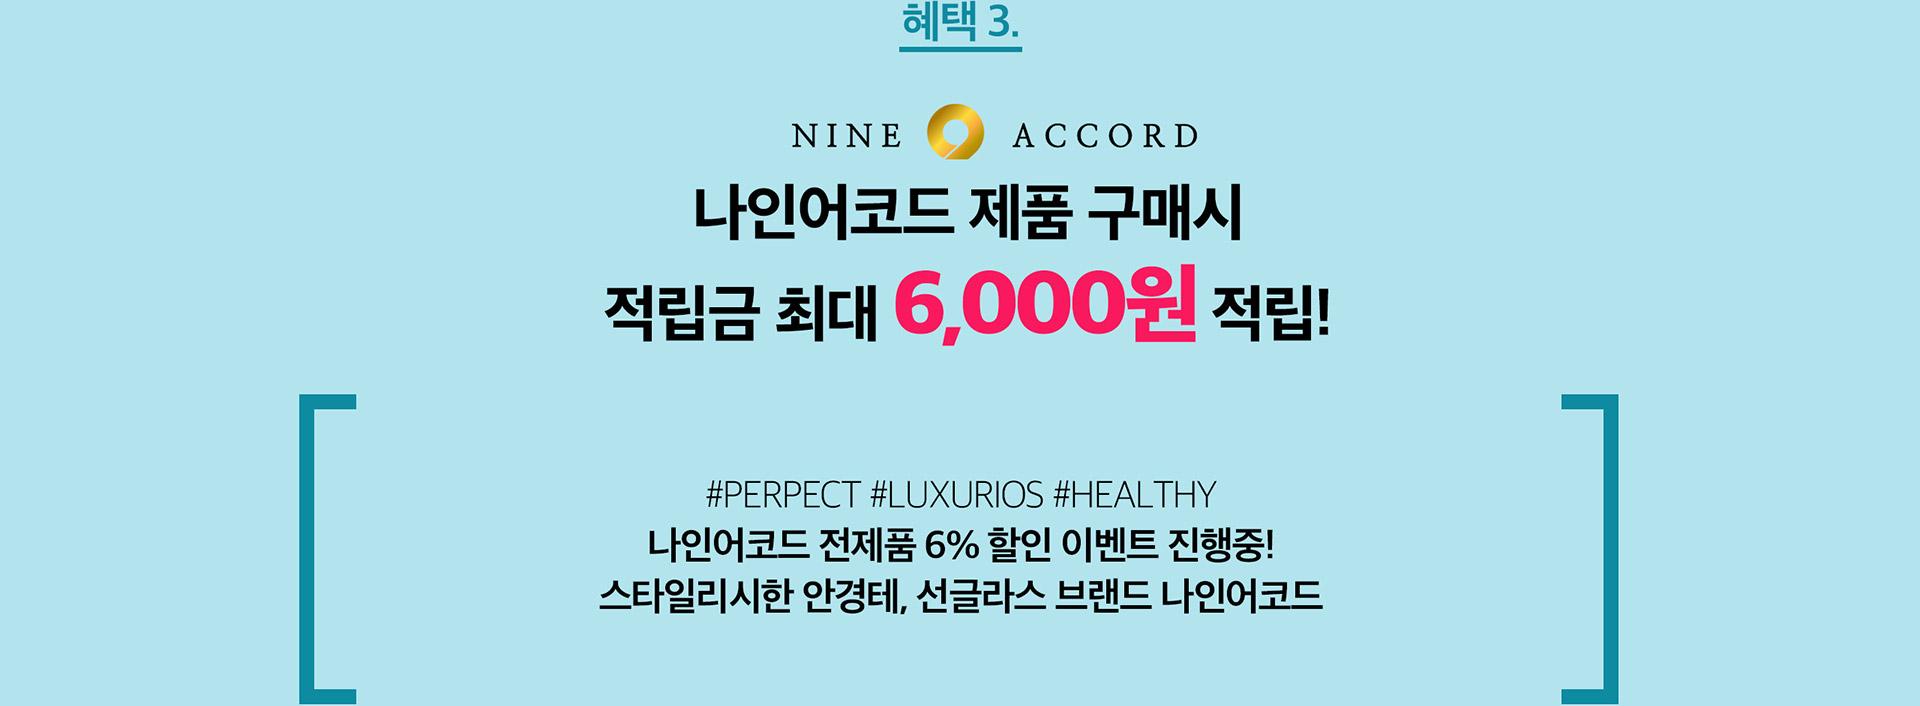 혜택3. 나인어코드 제품 구매시 적립금 최대 6,000원 적립!